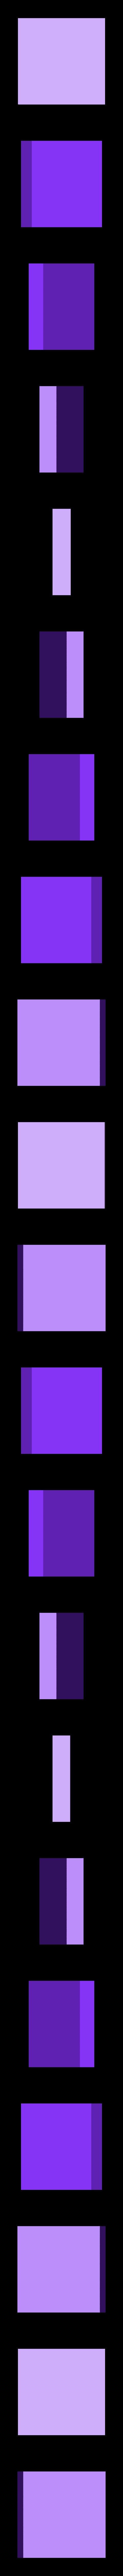 sm_room_stairsmid1.stl Télécharger fichier STL gratuit Ripper's London - Les égouts • Design pour imprimante 3D, Earsling